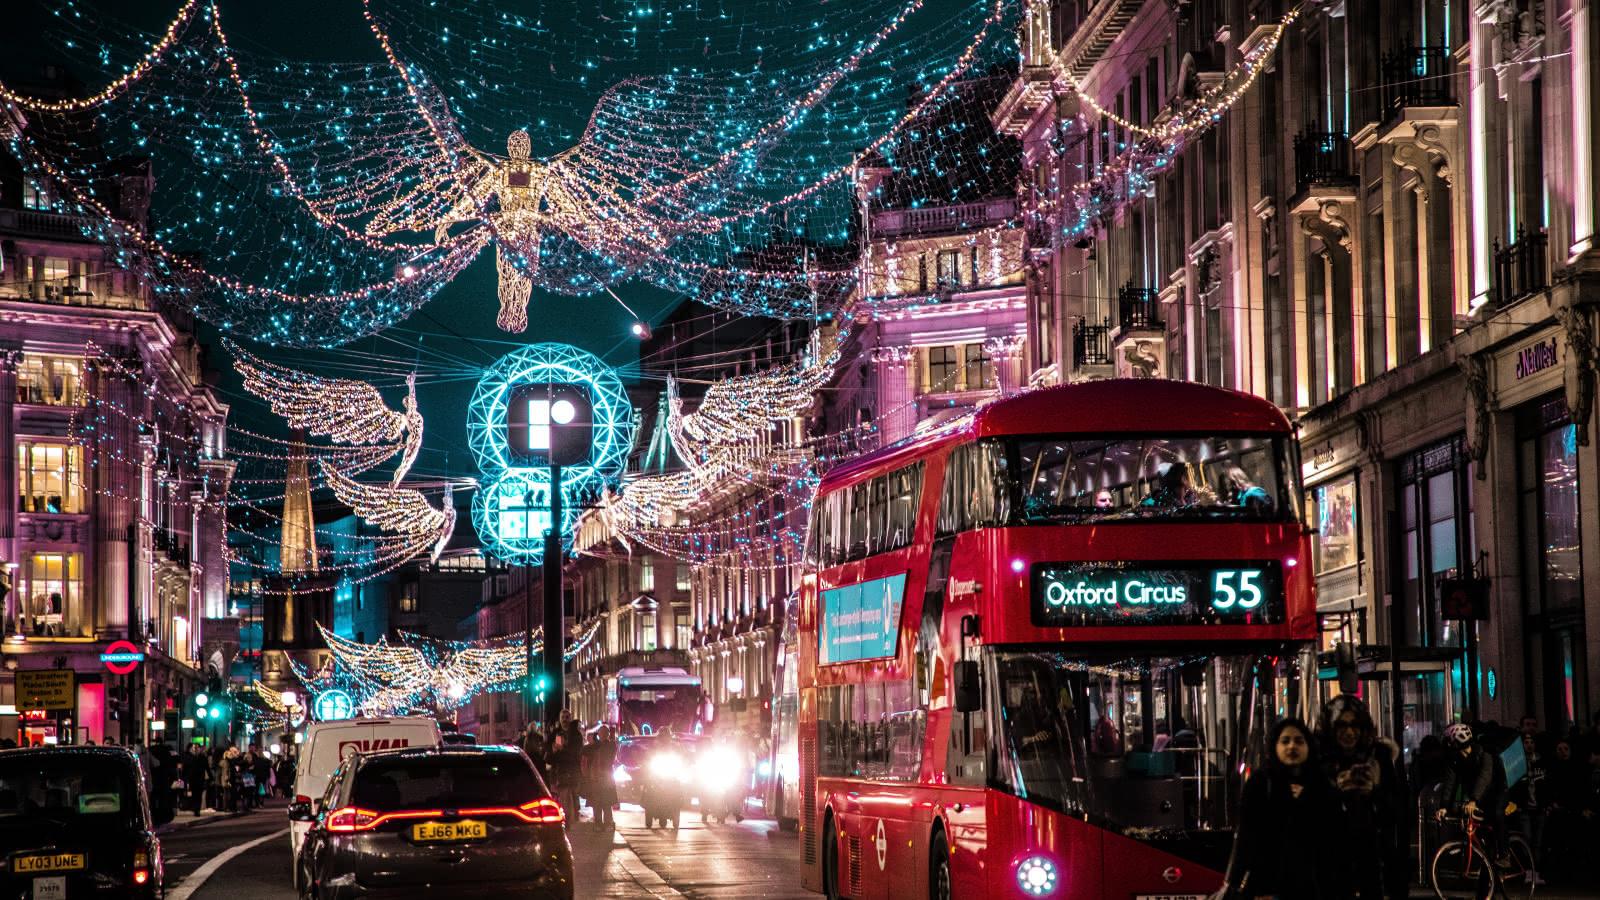 luces de navidad en el centro de londres por la noche